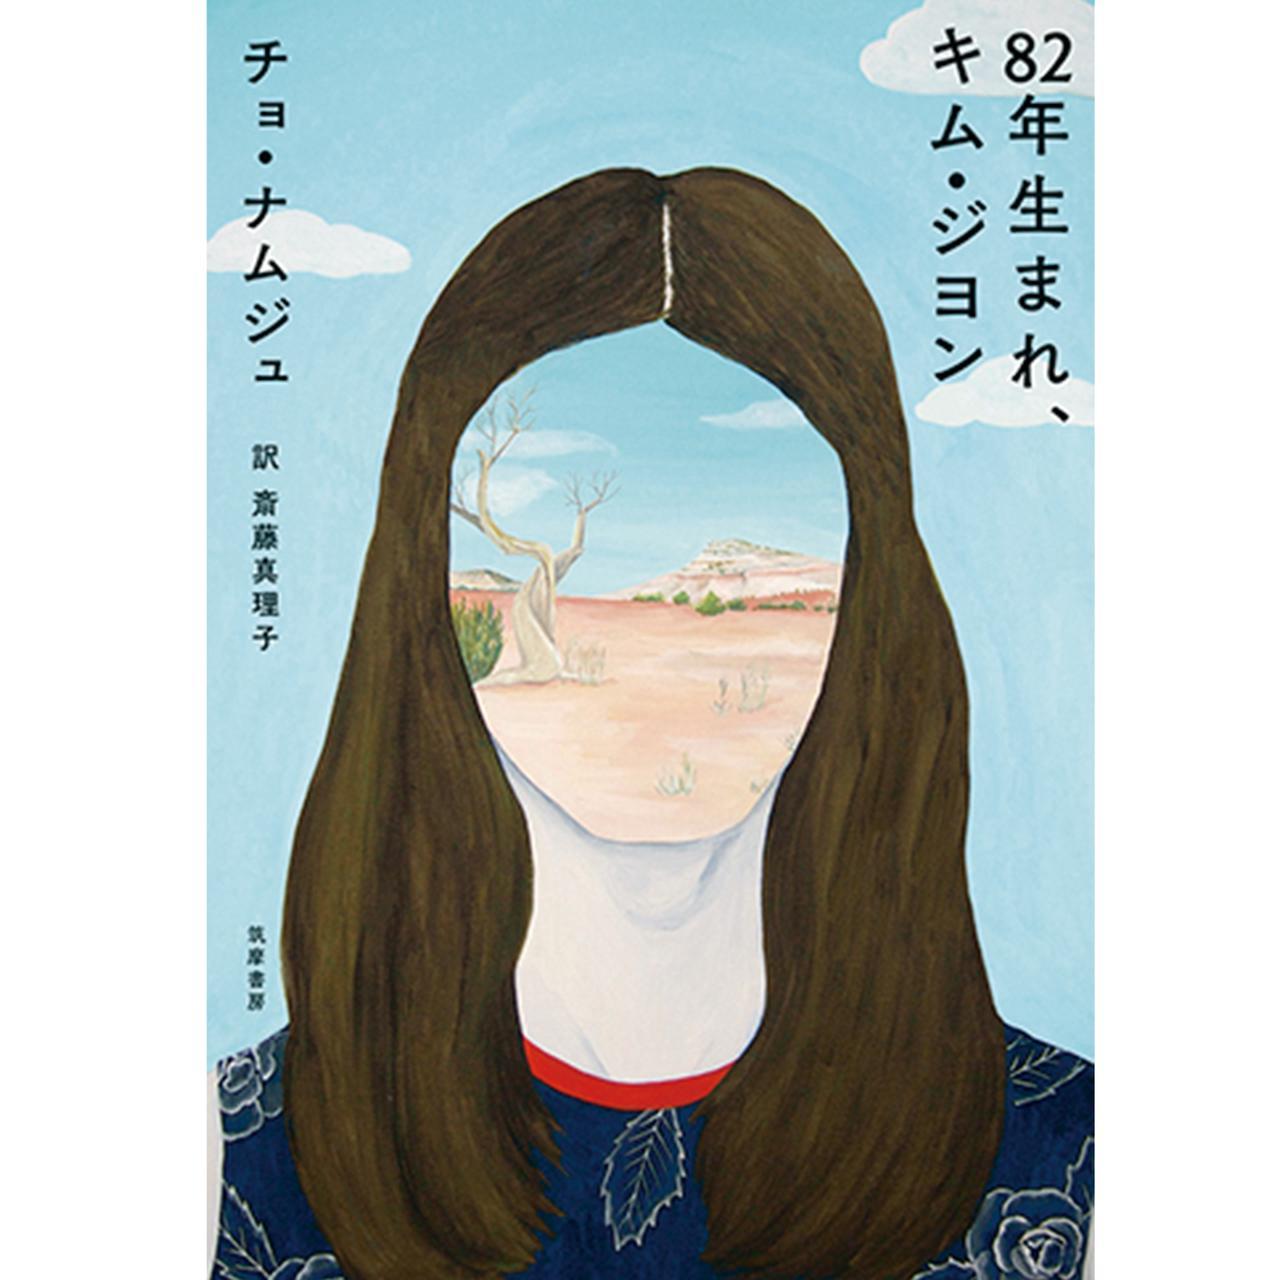 Images : 書籍『82年生まれ、キム・ジヨン』